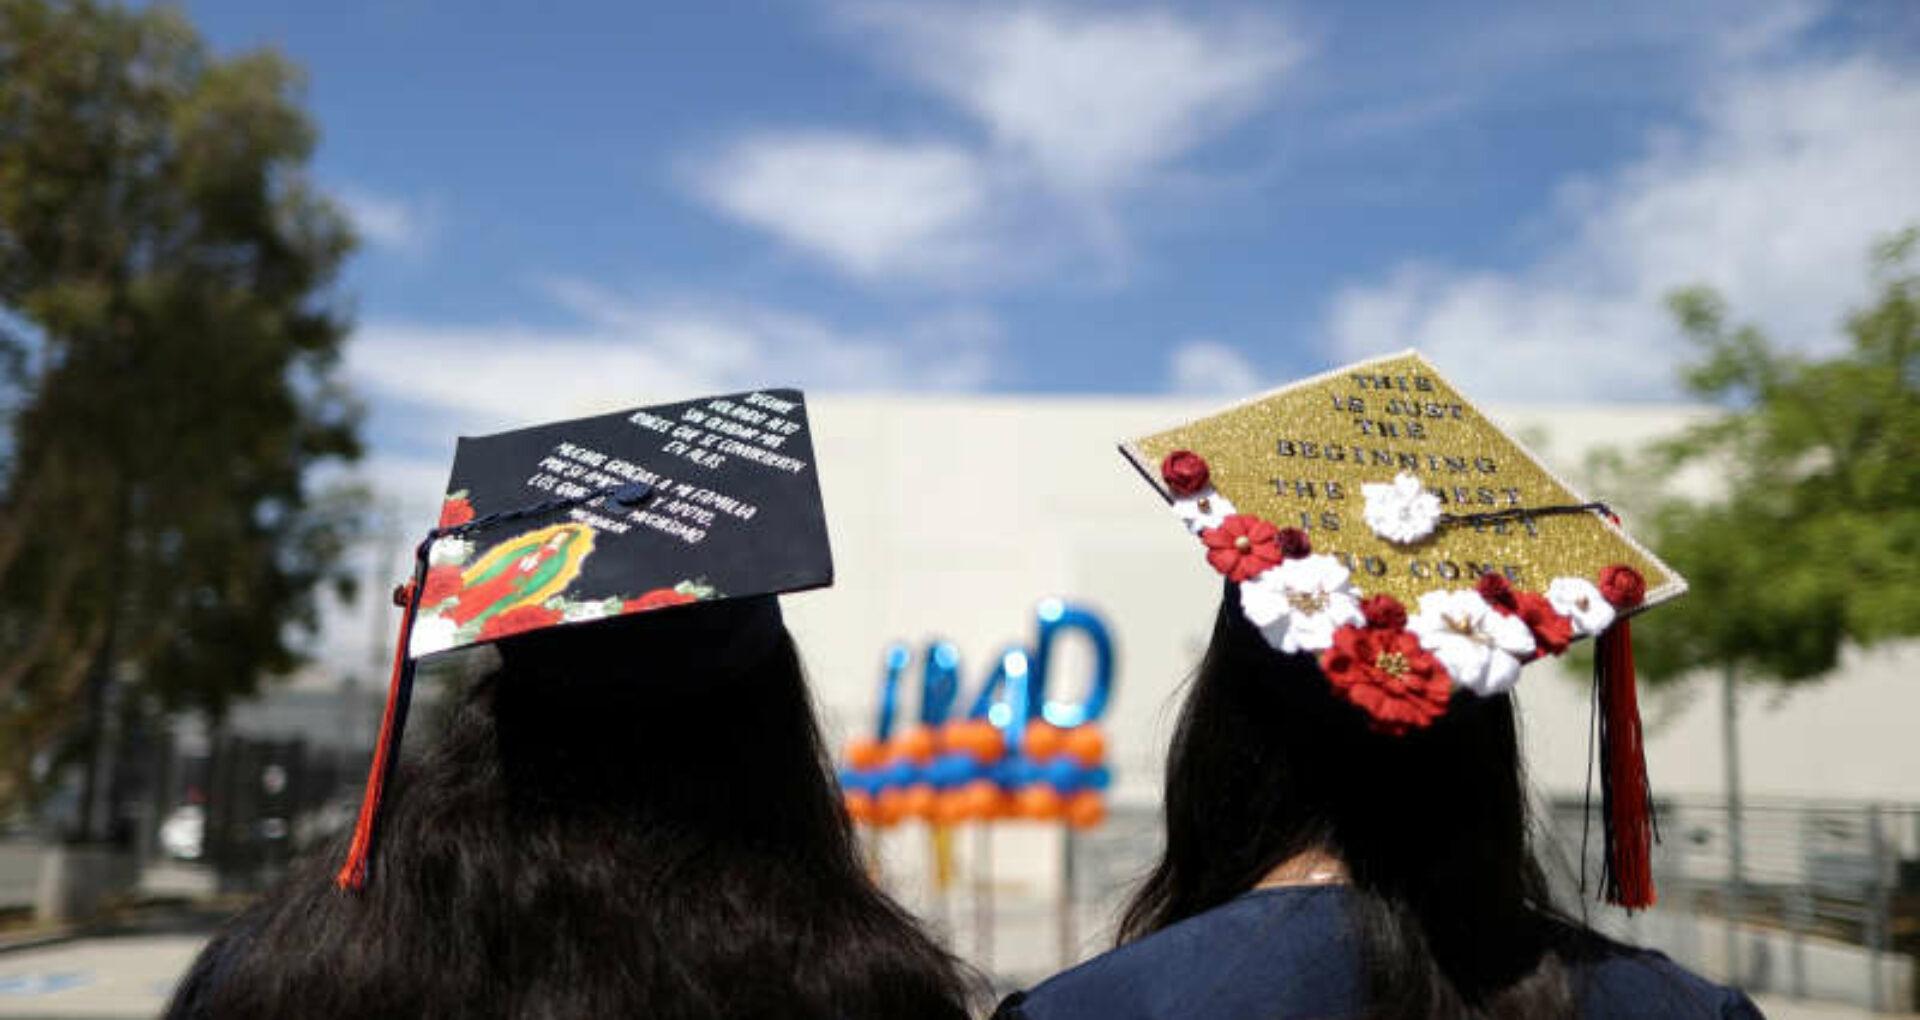 SUA: Fără vize pentru studenţii străini în cazul cursurilor online după vacanţa de vară